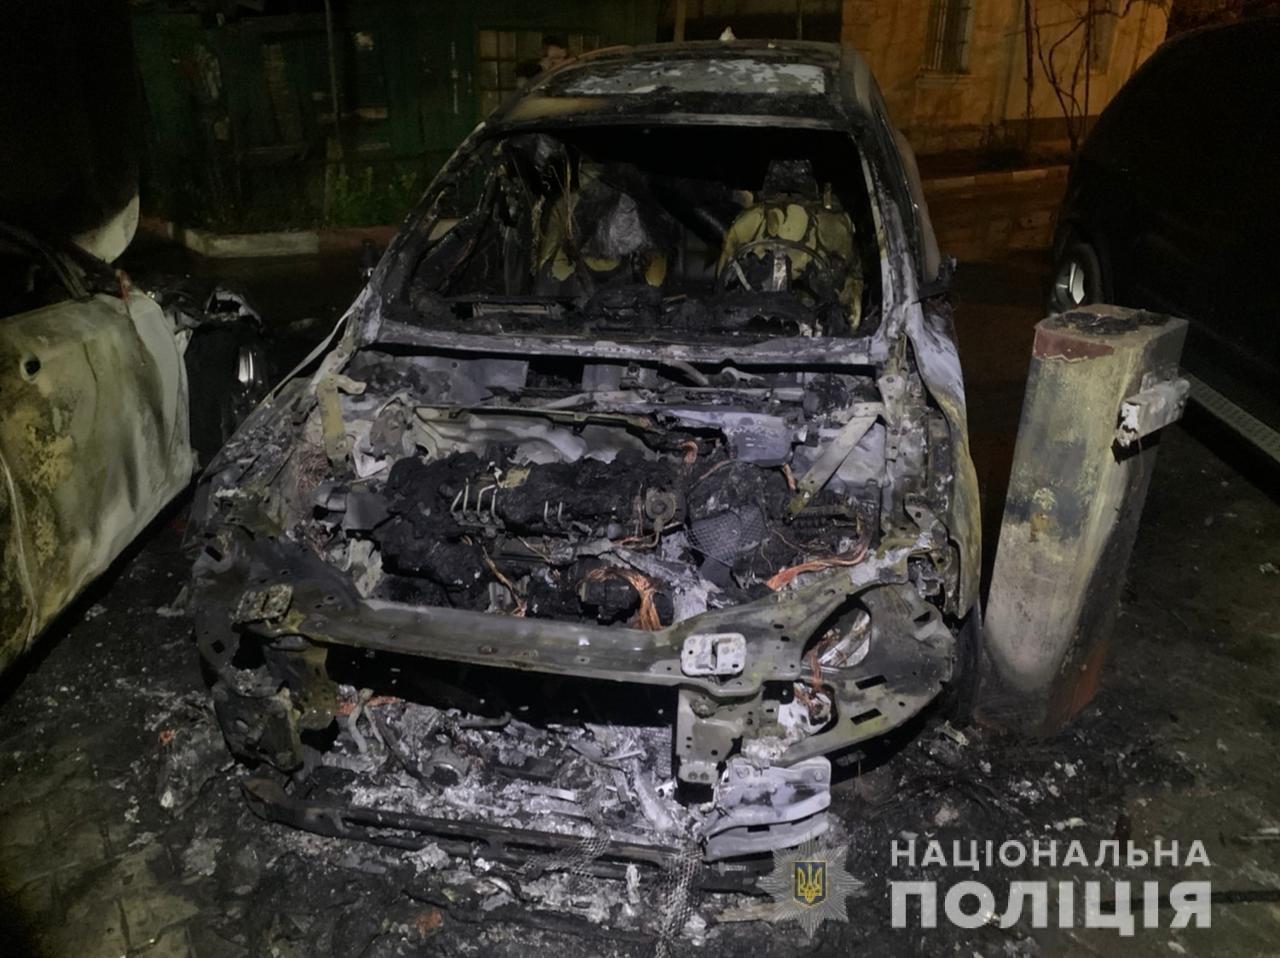 В Одессе неизвестные подожгли автомобиль, огонь перекинулся на соседние машины, - ФОТО, фото-2